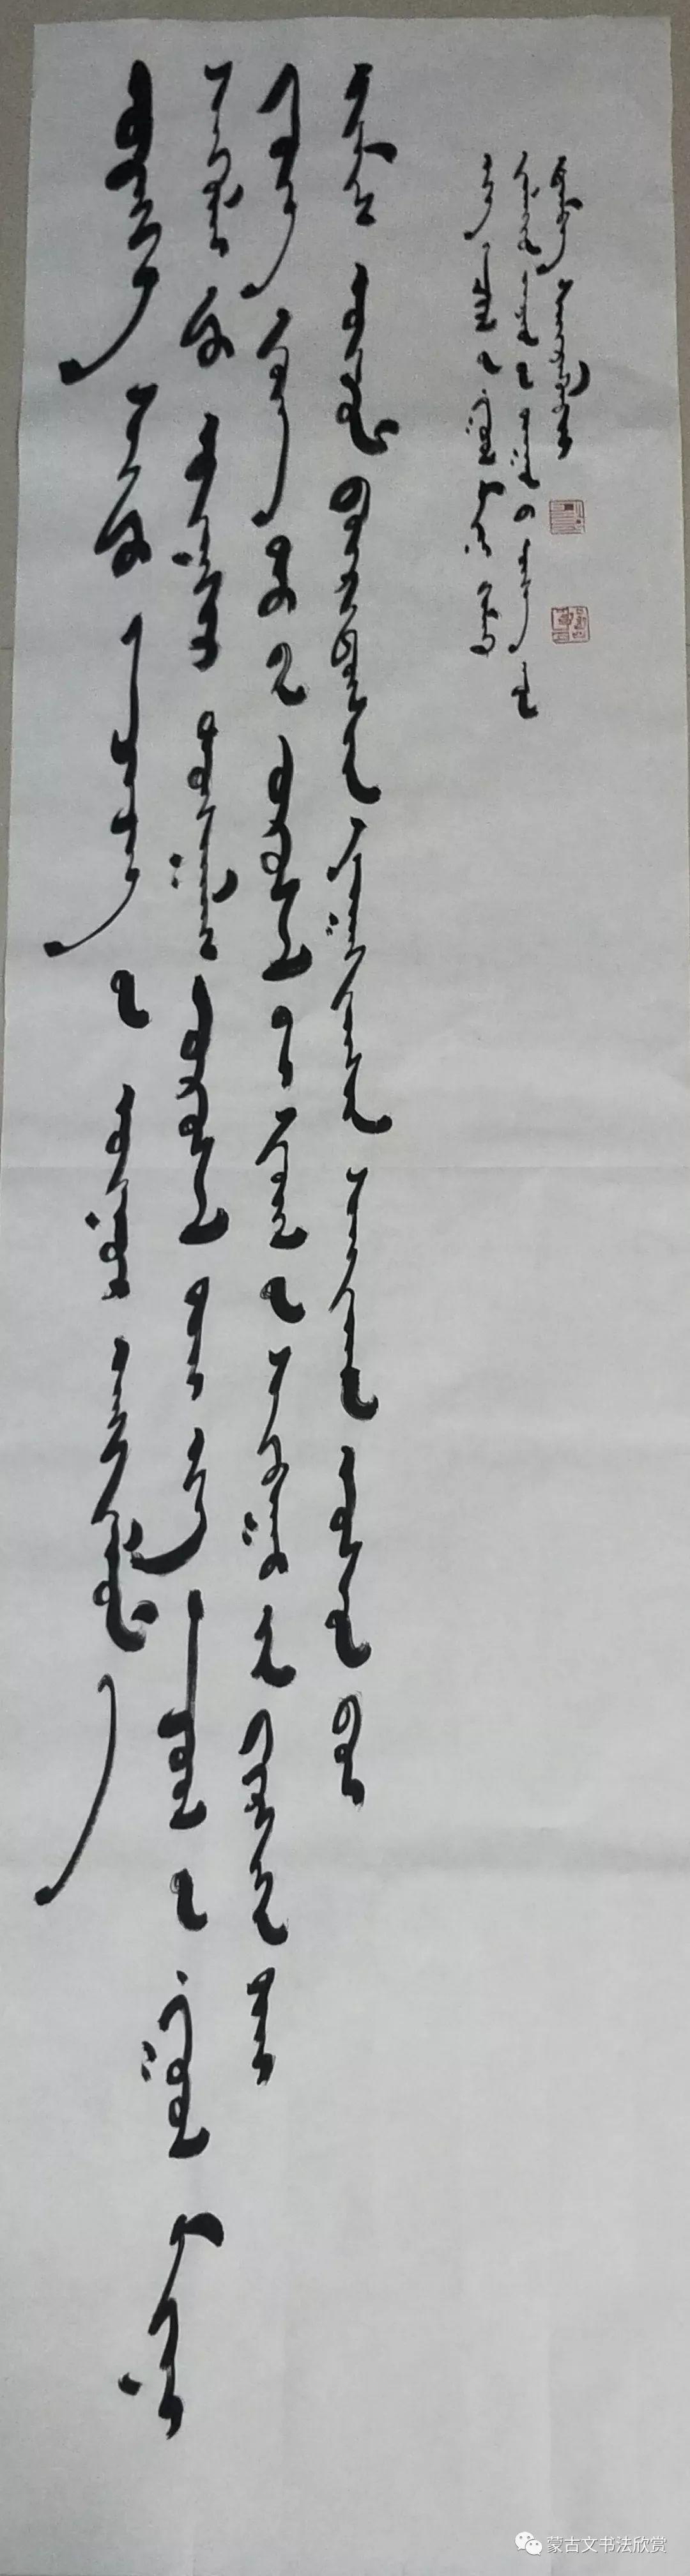 蒙古文书法欣赏——丹巴 第18张 蒙古文书法欣赏——丹巴 蒙古书法